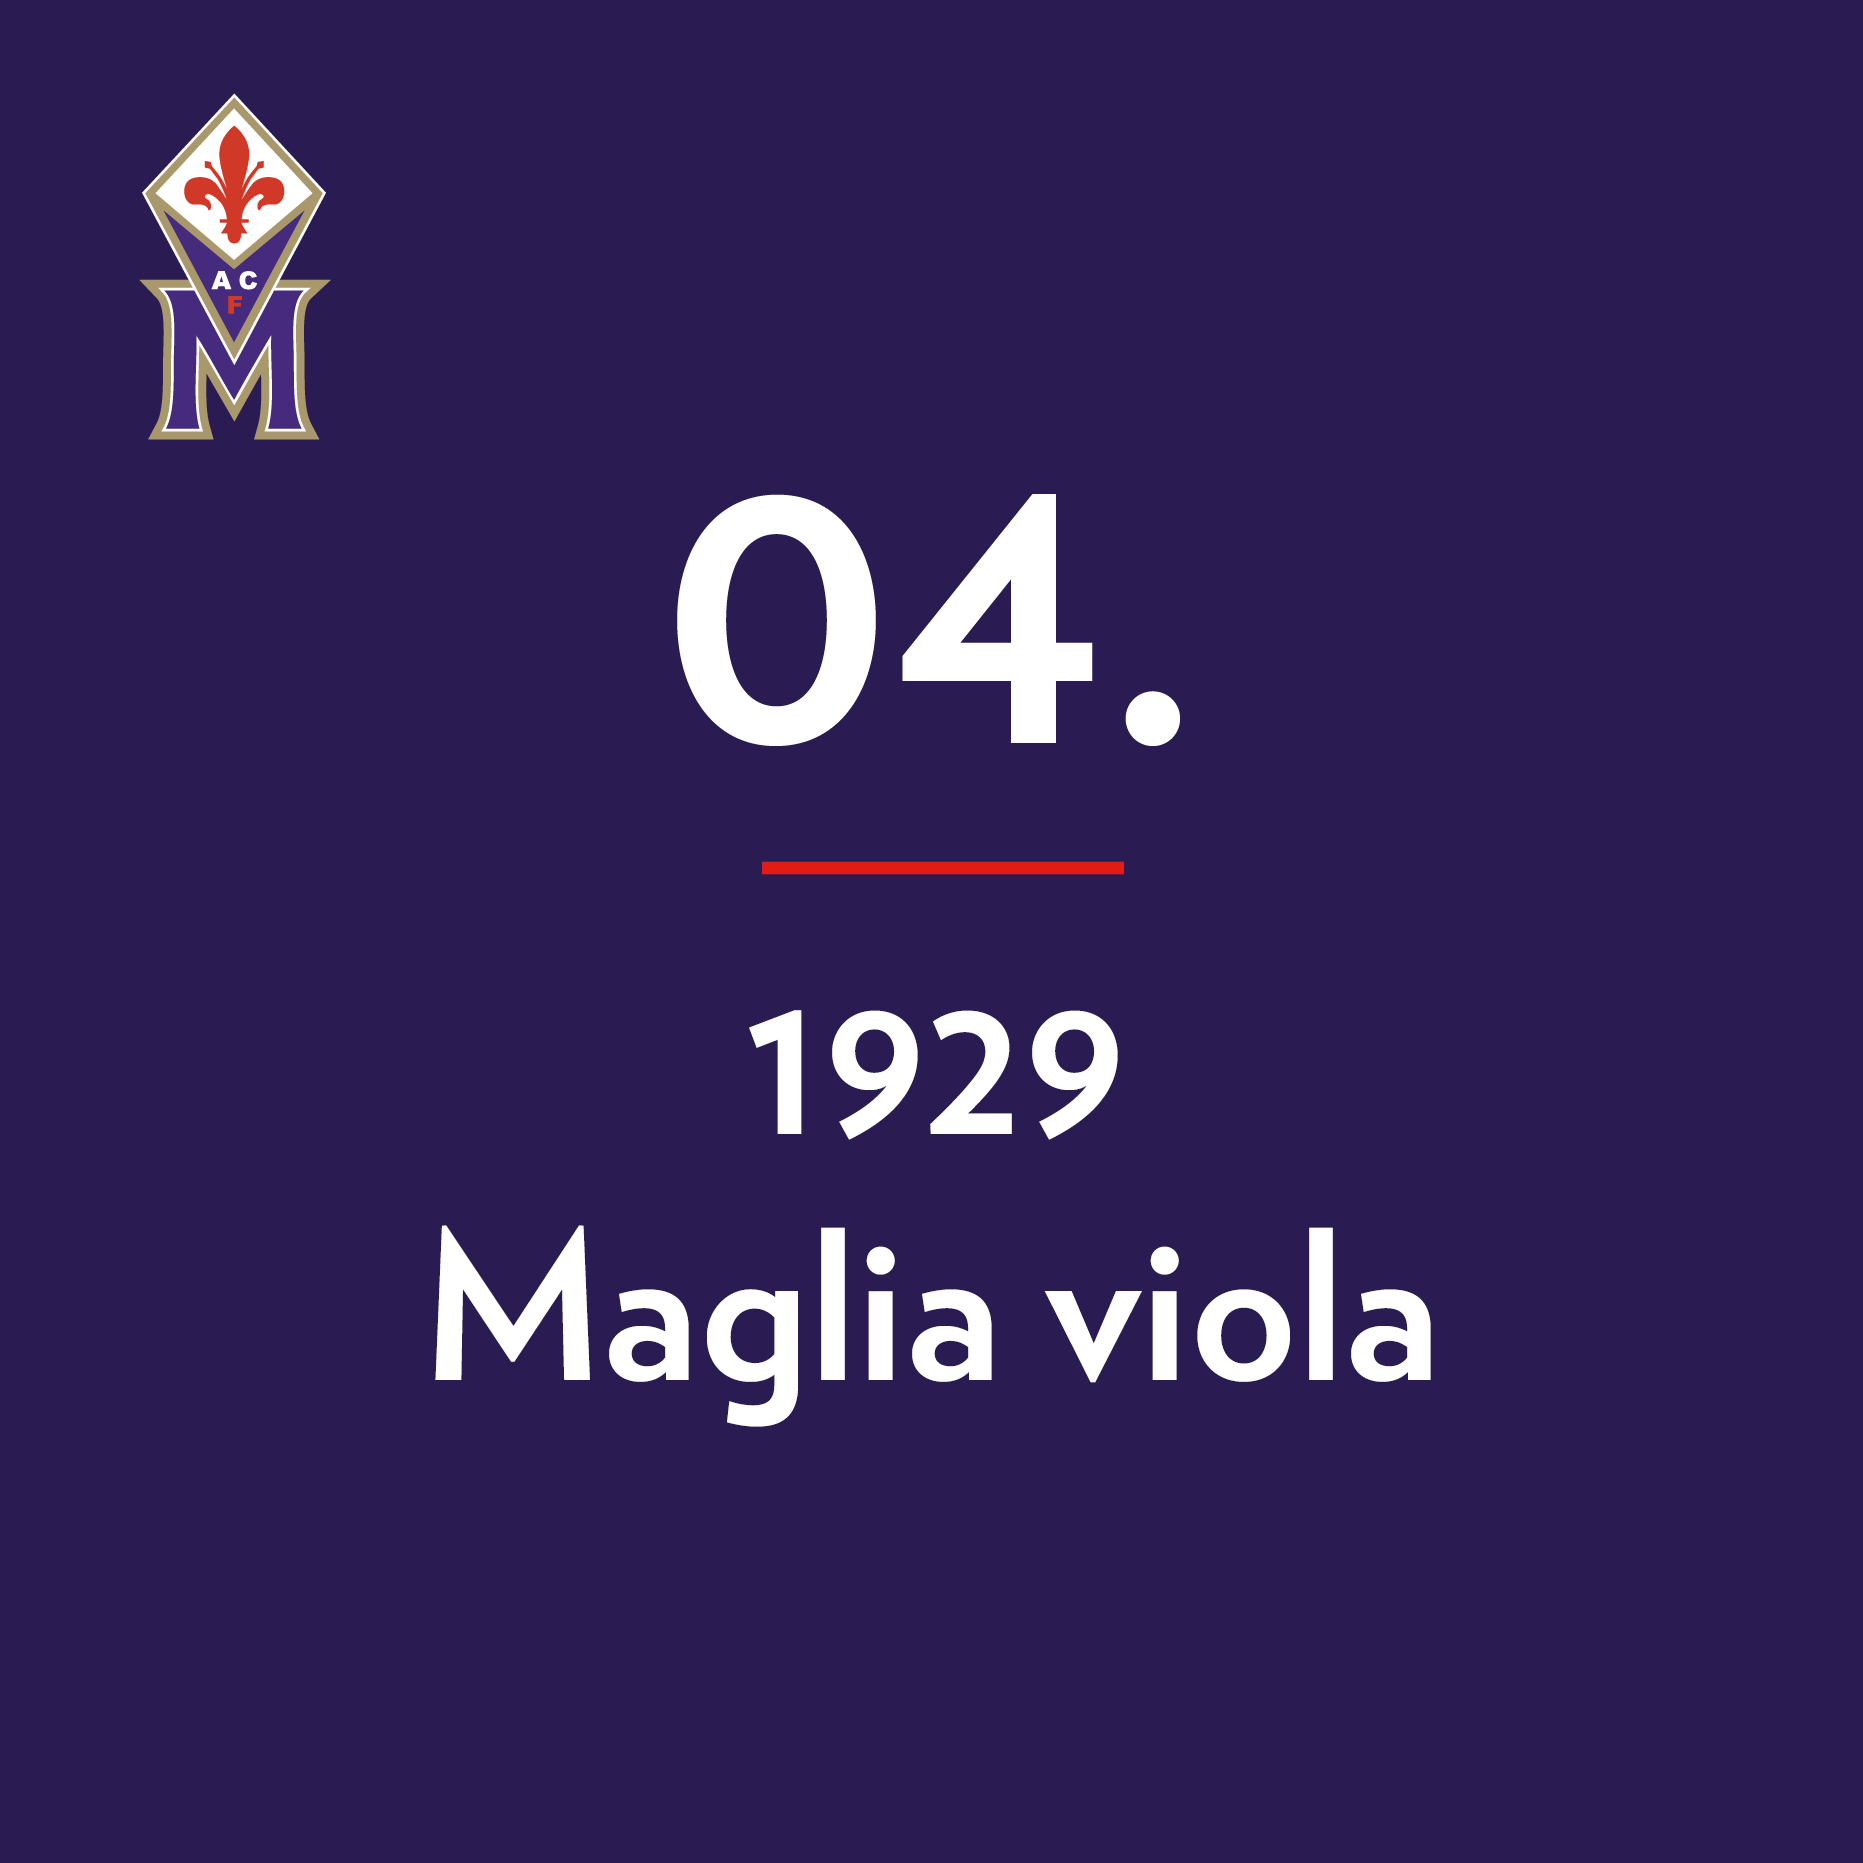 museo-fiorentina-la-nostra-storia-4-1929-maglia-viola